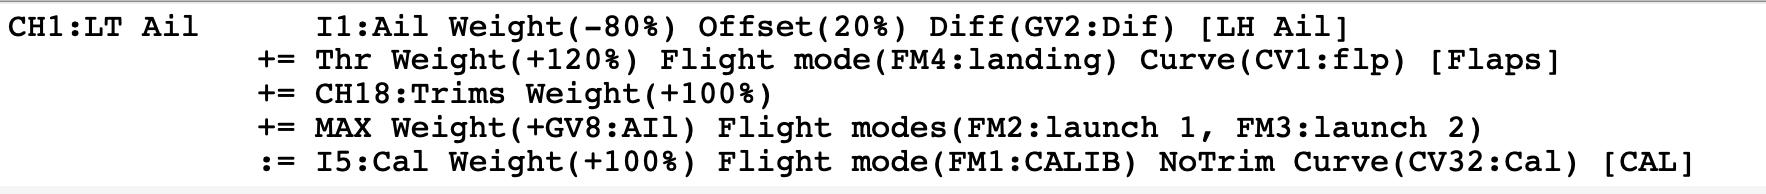 Screen Shot 2021-02-28 at 6.06.18 PM.png